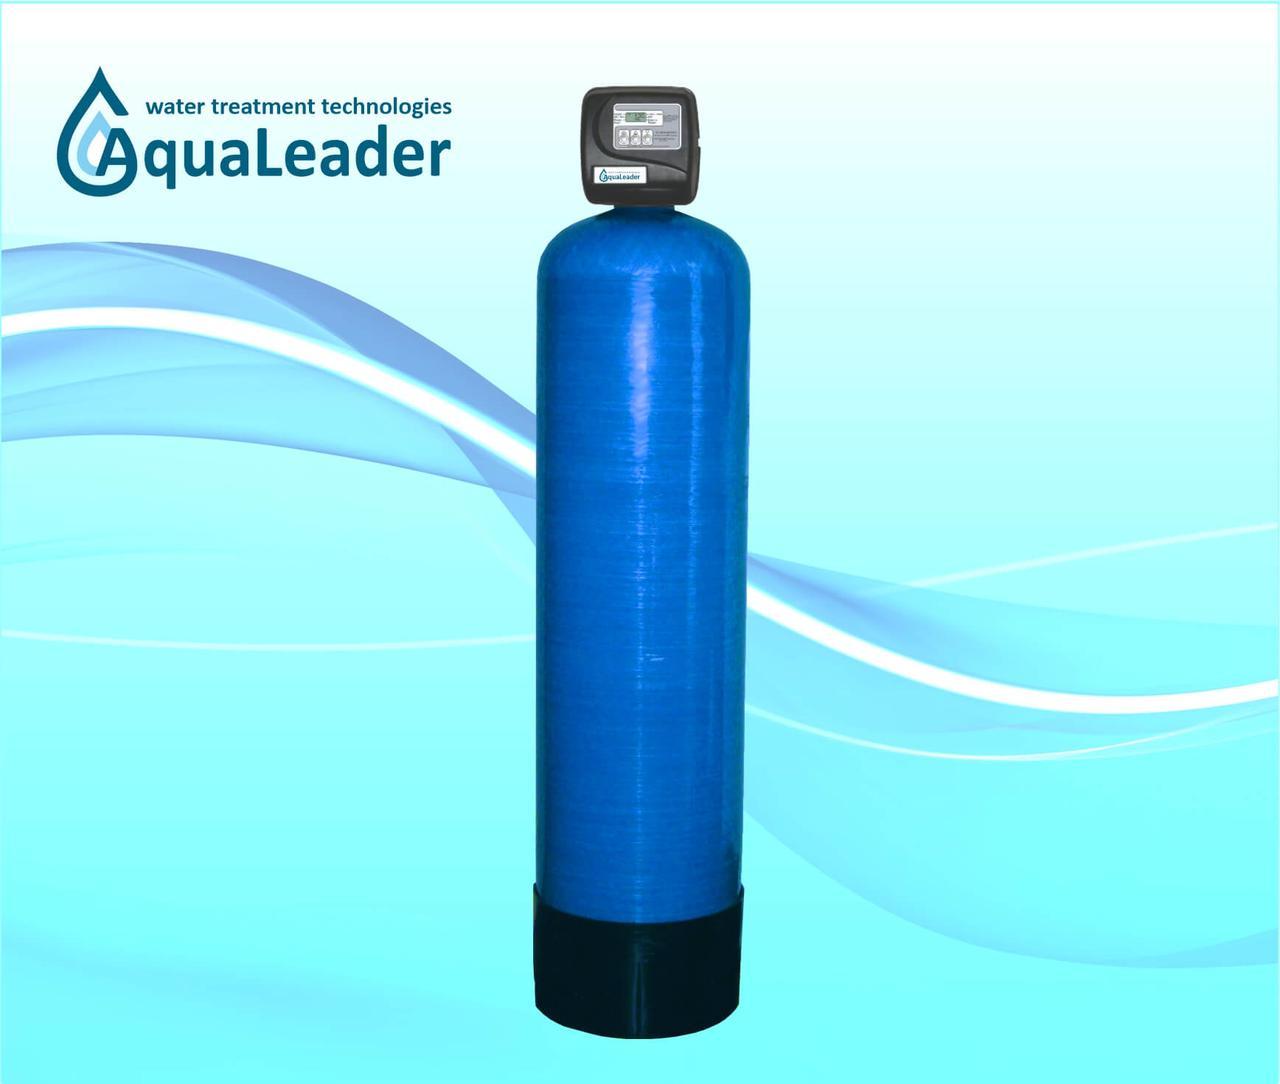 Фильтр для удаления железа  FPB 1354, Clack Corporation, USA